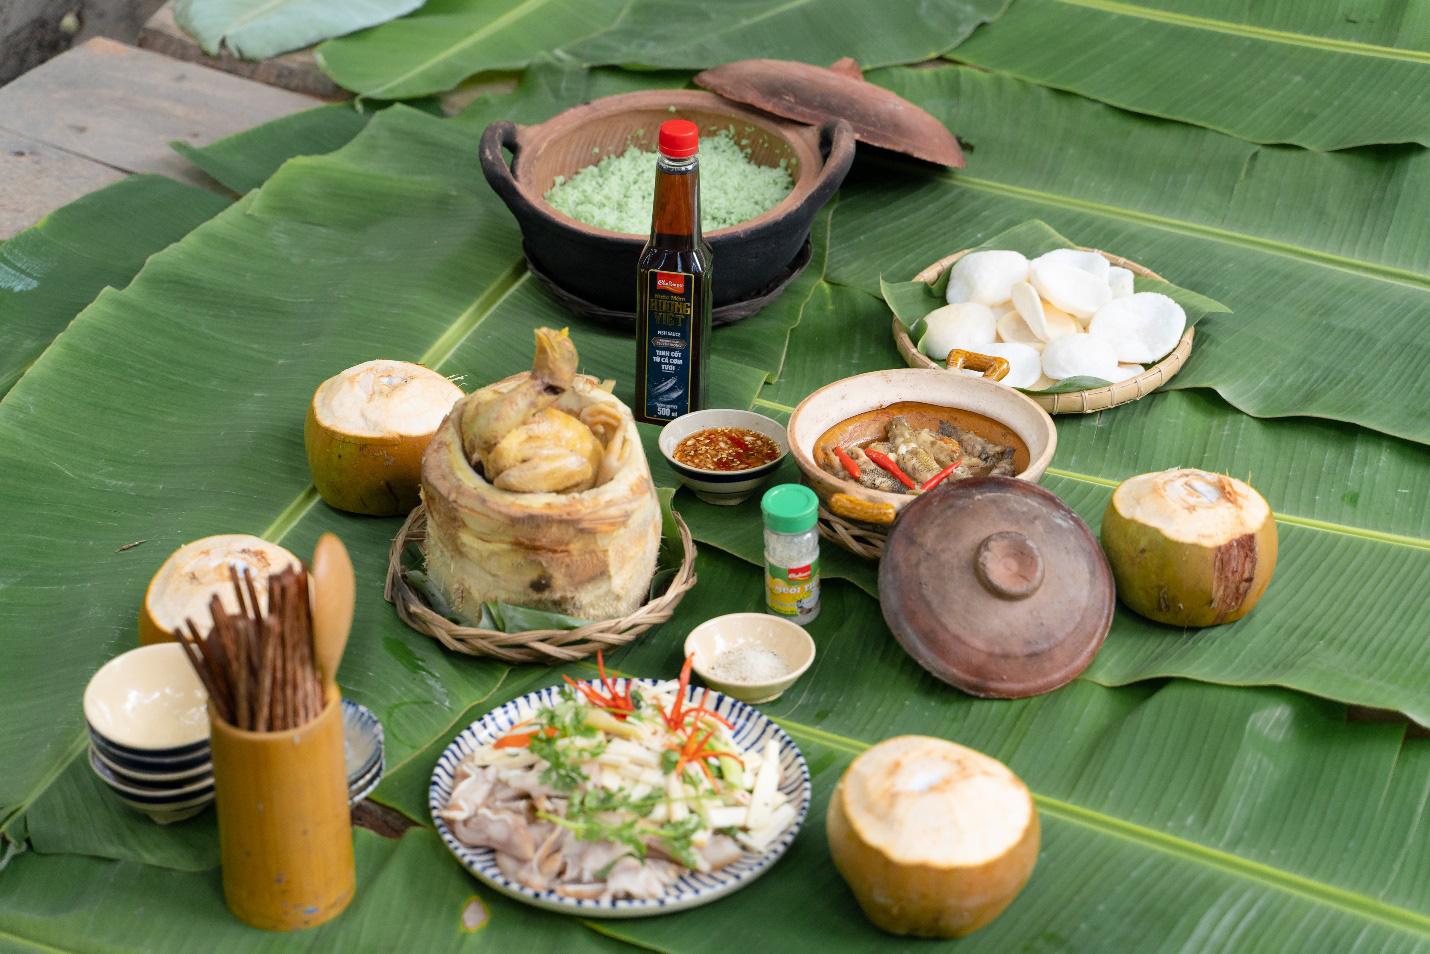 Cùng Quốc Khánh - Võ Đăng Khoa nấu đặc sản miền Tây: Cá bống kho, gà hấp củ hũ dừa, gỏi tai heo - Ảnh 5.